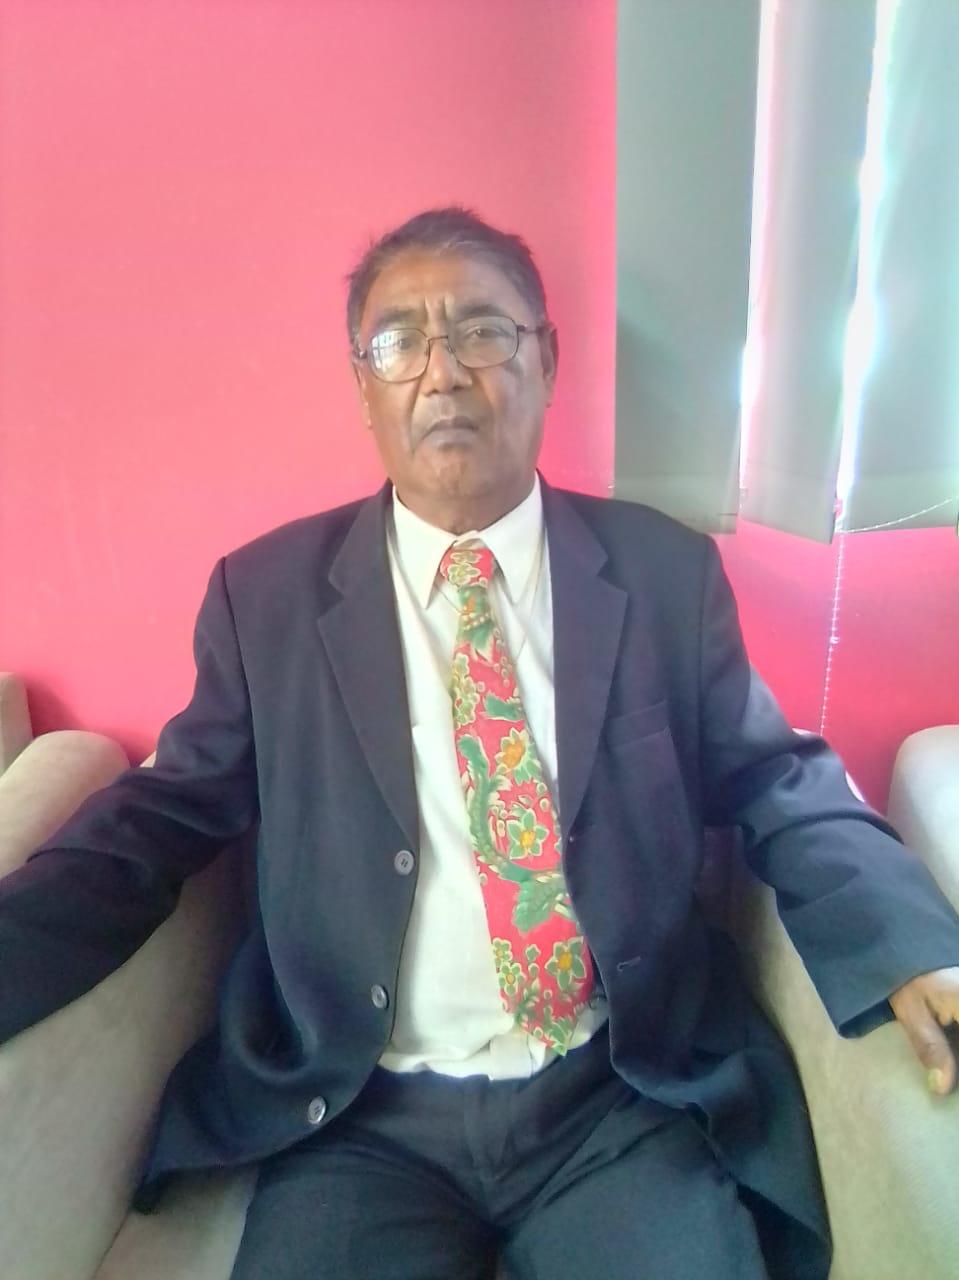 Son fils injustement accusé de viol 8 ans de cela… : À 64 ans, Balraz Boodooa prend un nouveau départ   Sunday Times